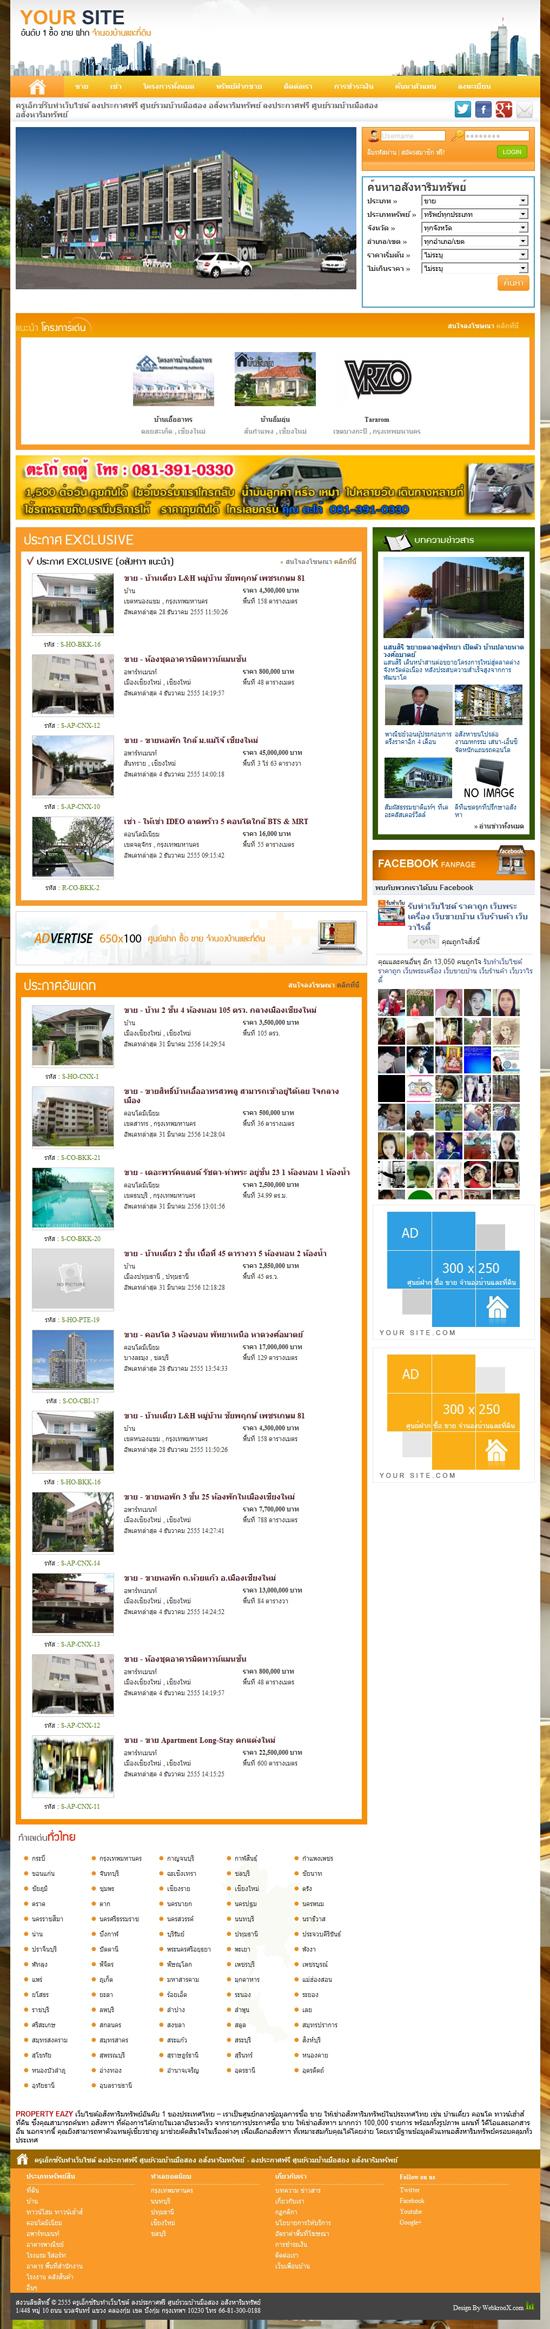 ภาพที่ 1 รับทำเว็บไซต์ ขายบ้าน คอนโดน ที่ดิน อสังหาริมทรัพย์ V.2